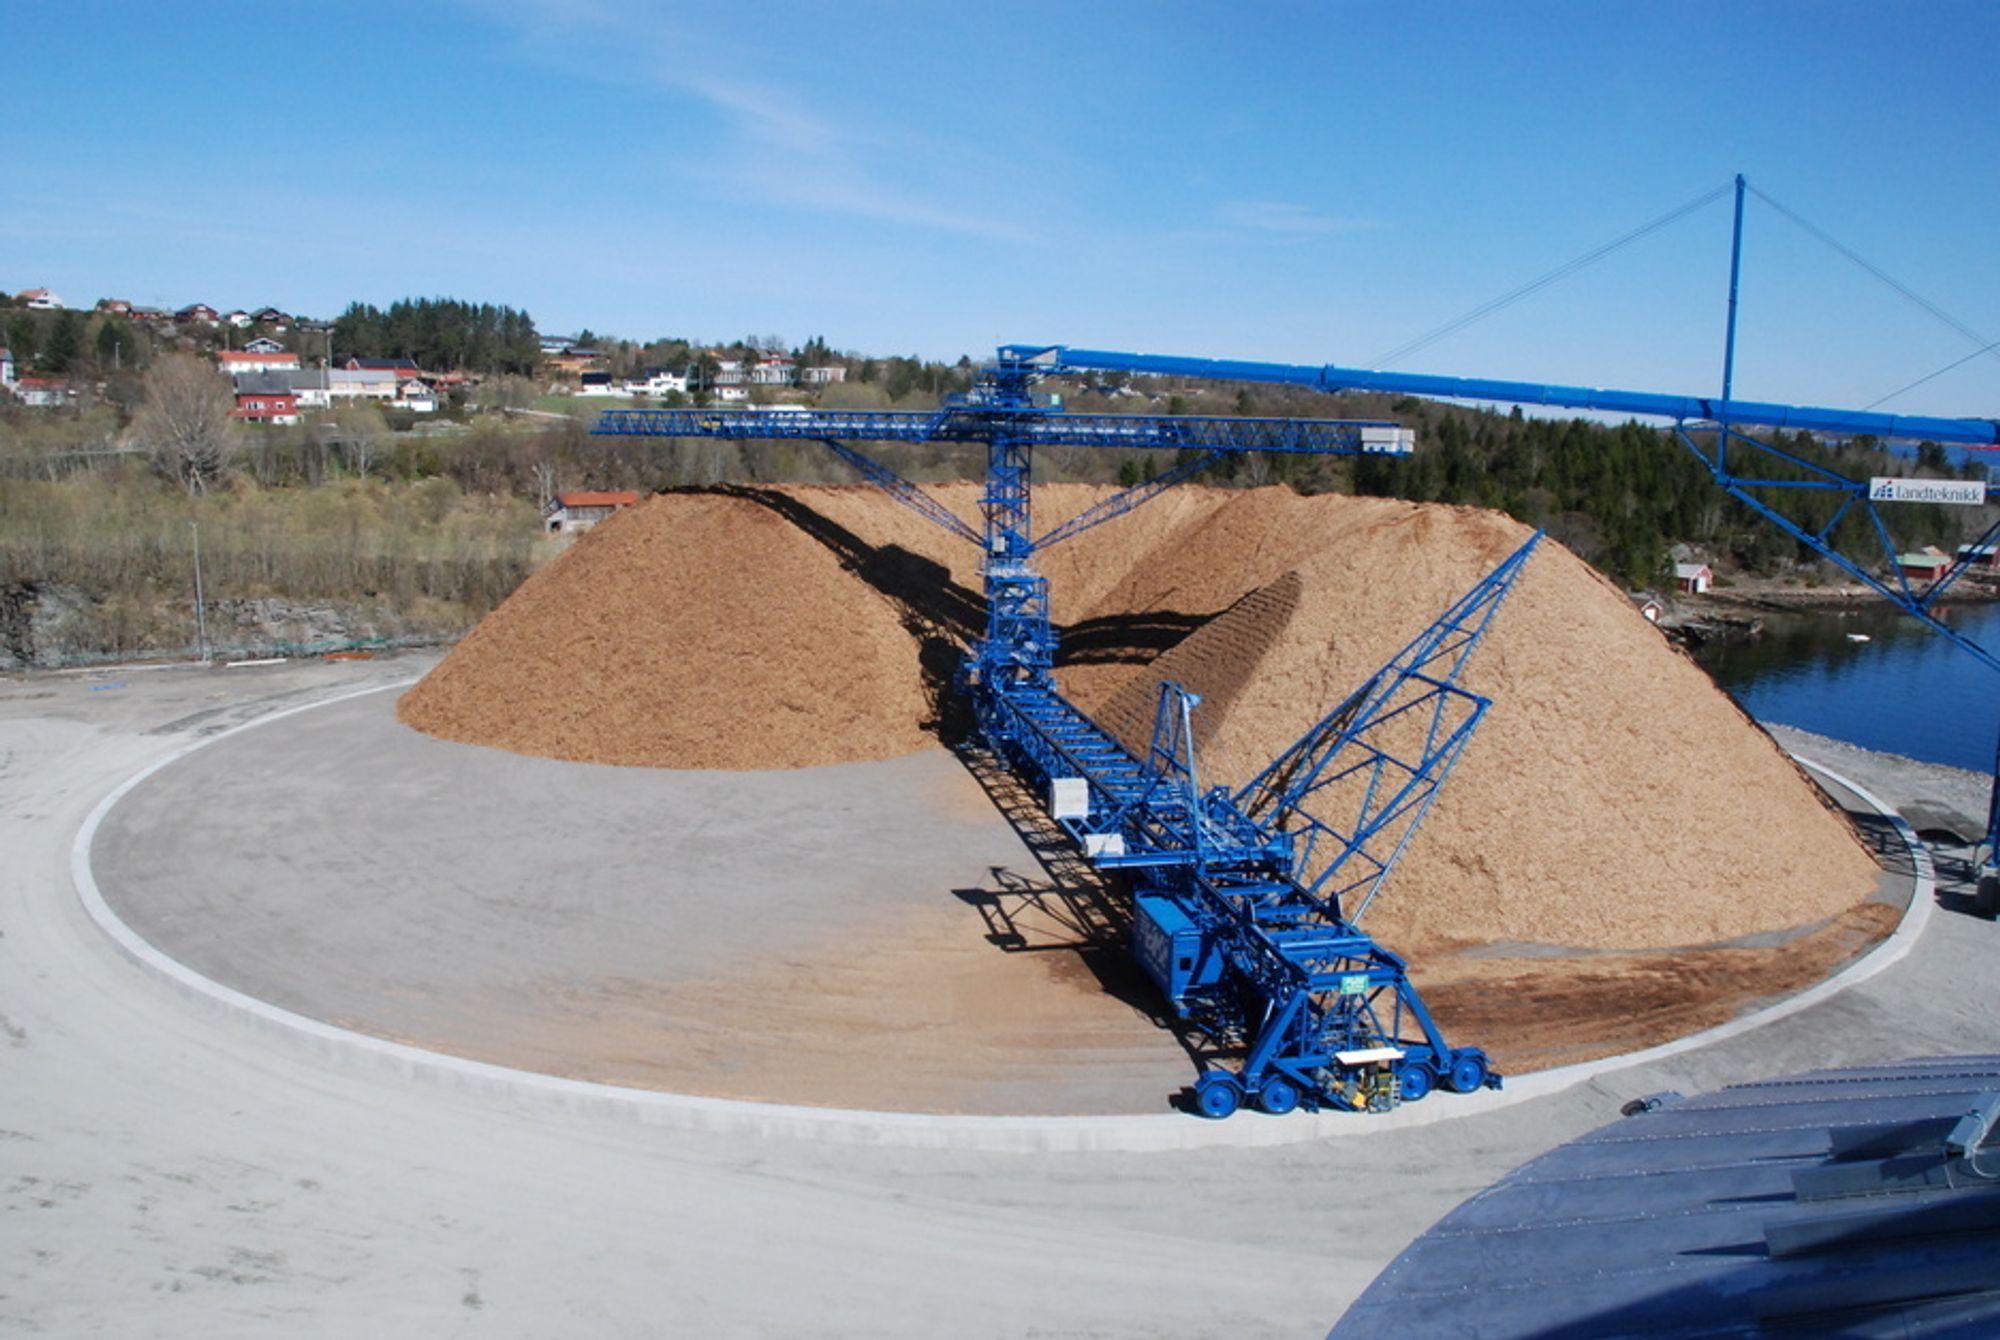 PÅLEGG: Biowood Norway må raskest mulig kvitte seg med den 56 000 tonn store flishaugen. Problemet er at maskinene står.